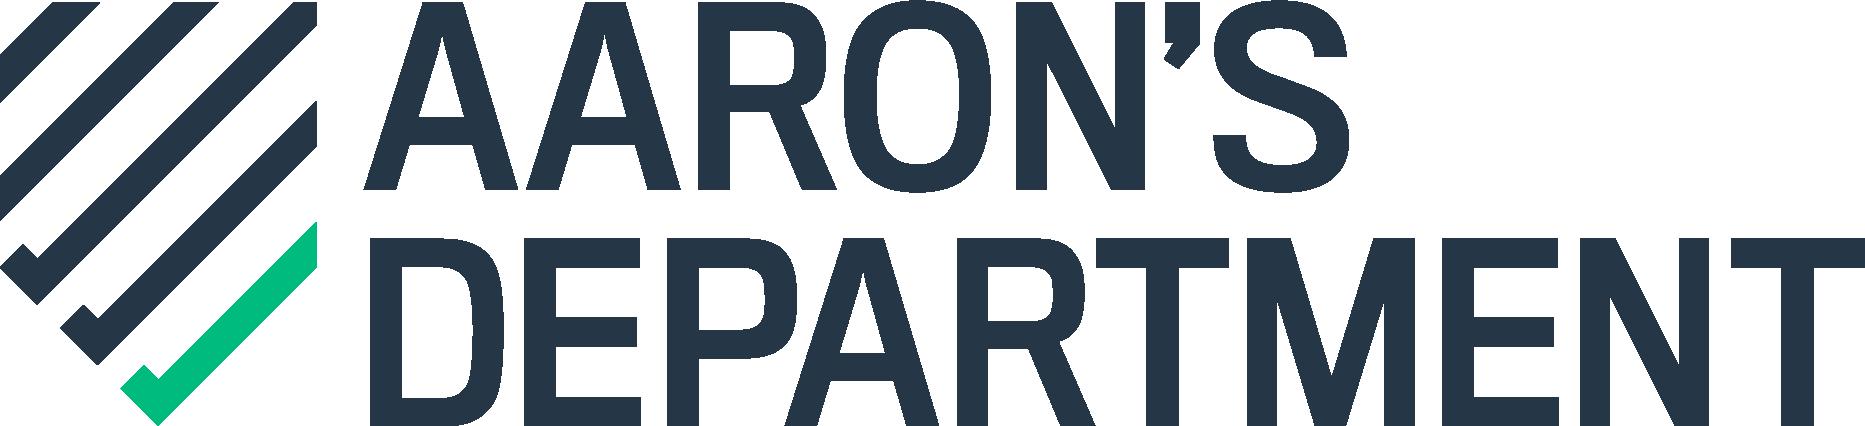 Aaron's Department logo